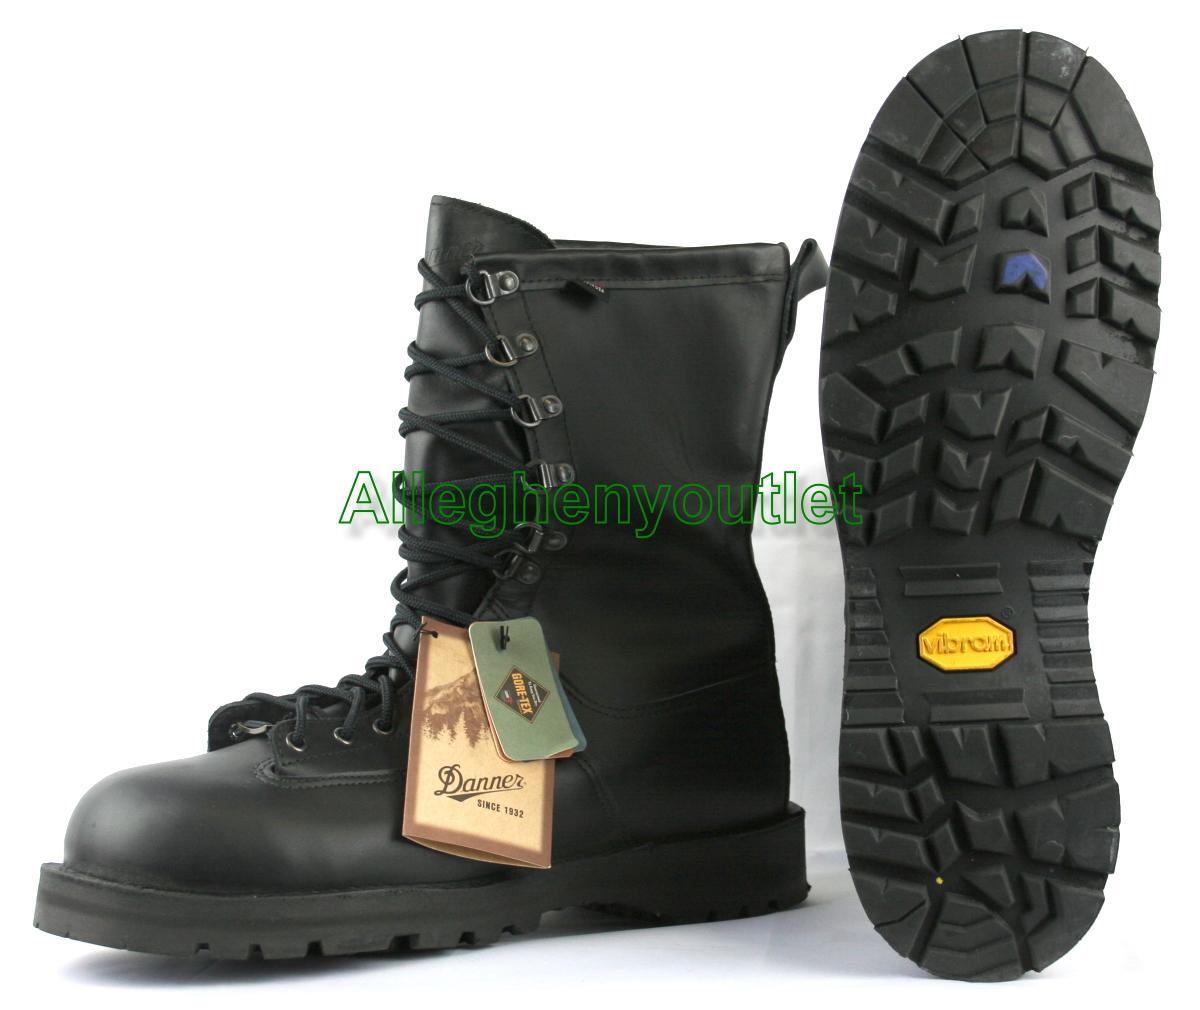 Danner 600g Gtx Goretex Full Leather Steel Toe Black